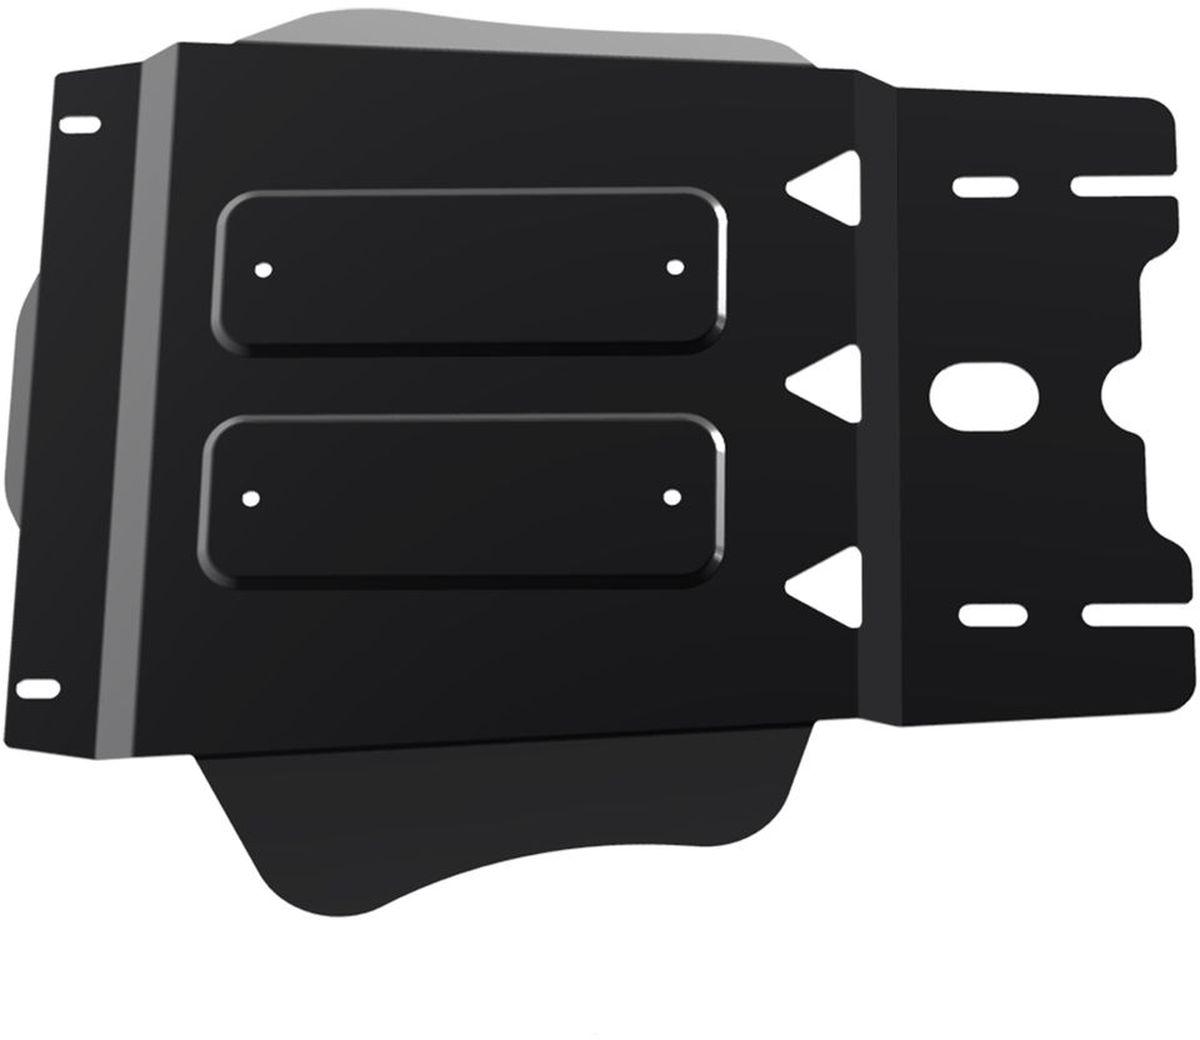 Защита КПП Автоброня Mitsubishi L200 2006-2015/Mitsubishi Pajero Sport 2008-2016, сталь 2 мм111.04024.1Защита КПП Автоброня для Mitsubishi L200 2006-2015/Mitsubishi Pajero Sport 2008-2016, сталь 2 мм, комплект крепежа, 111.04024.1Дополнительно можно приобрести другие защитные элементы из комплекта: защита радиатора - 111.04005.1, защита картера - 111.04006.1, защита РК - 111.04025.1Стальные защиты Автоброня надежно защищают ваш автомобиль от повреждений при наезде на бордюры, выступающие канализационные люки, кромки поврежденного асфальта или при ремонте дорог, не говоря уже о загородных дорогах.- Имеют оптимальное соотношение цена-качество.- Спроектированы с учетом особенностей автомобиля, что делает установку удобной.- Защита устанавливается в штатные места кузова автомобиля.- Является надежной защитой для важных элементов на протяжении долгих лет.- Глубокий штамп дополнительно усиливает конструкцию защиты.- Подштамповка в местах крепления защищает крепеж от срезания.- Технологические отверстия там, где они необходимы для смены масла и слива воды, оборудованные заглушками, закрепленными на защите.Толщина стали 2 мм.В комплекте крепеж и инструкция по установке.